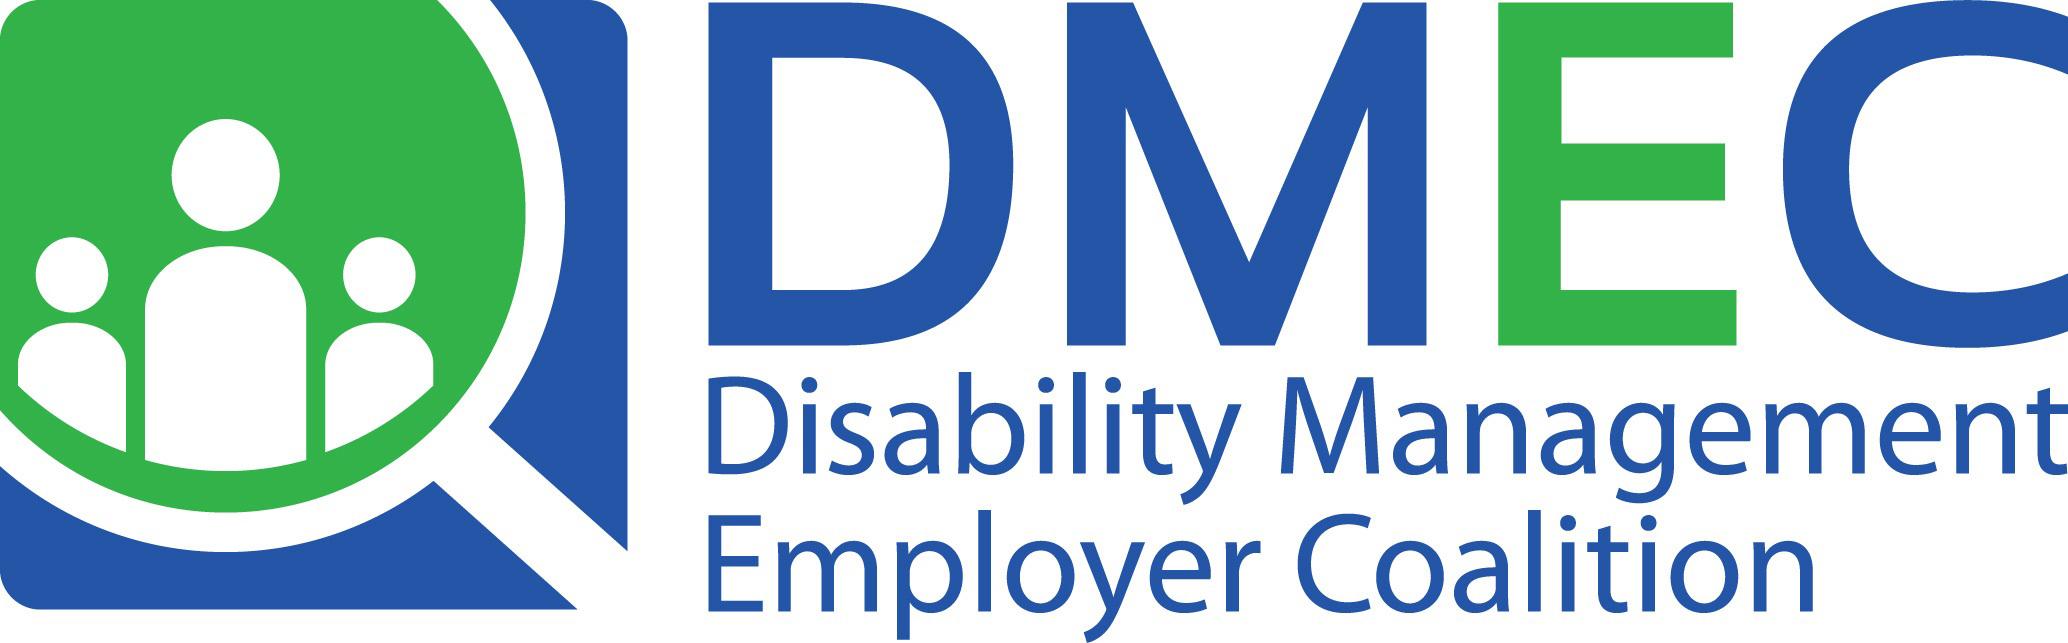 truDMEC logo_highres.jpg